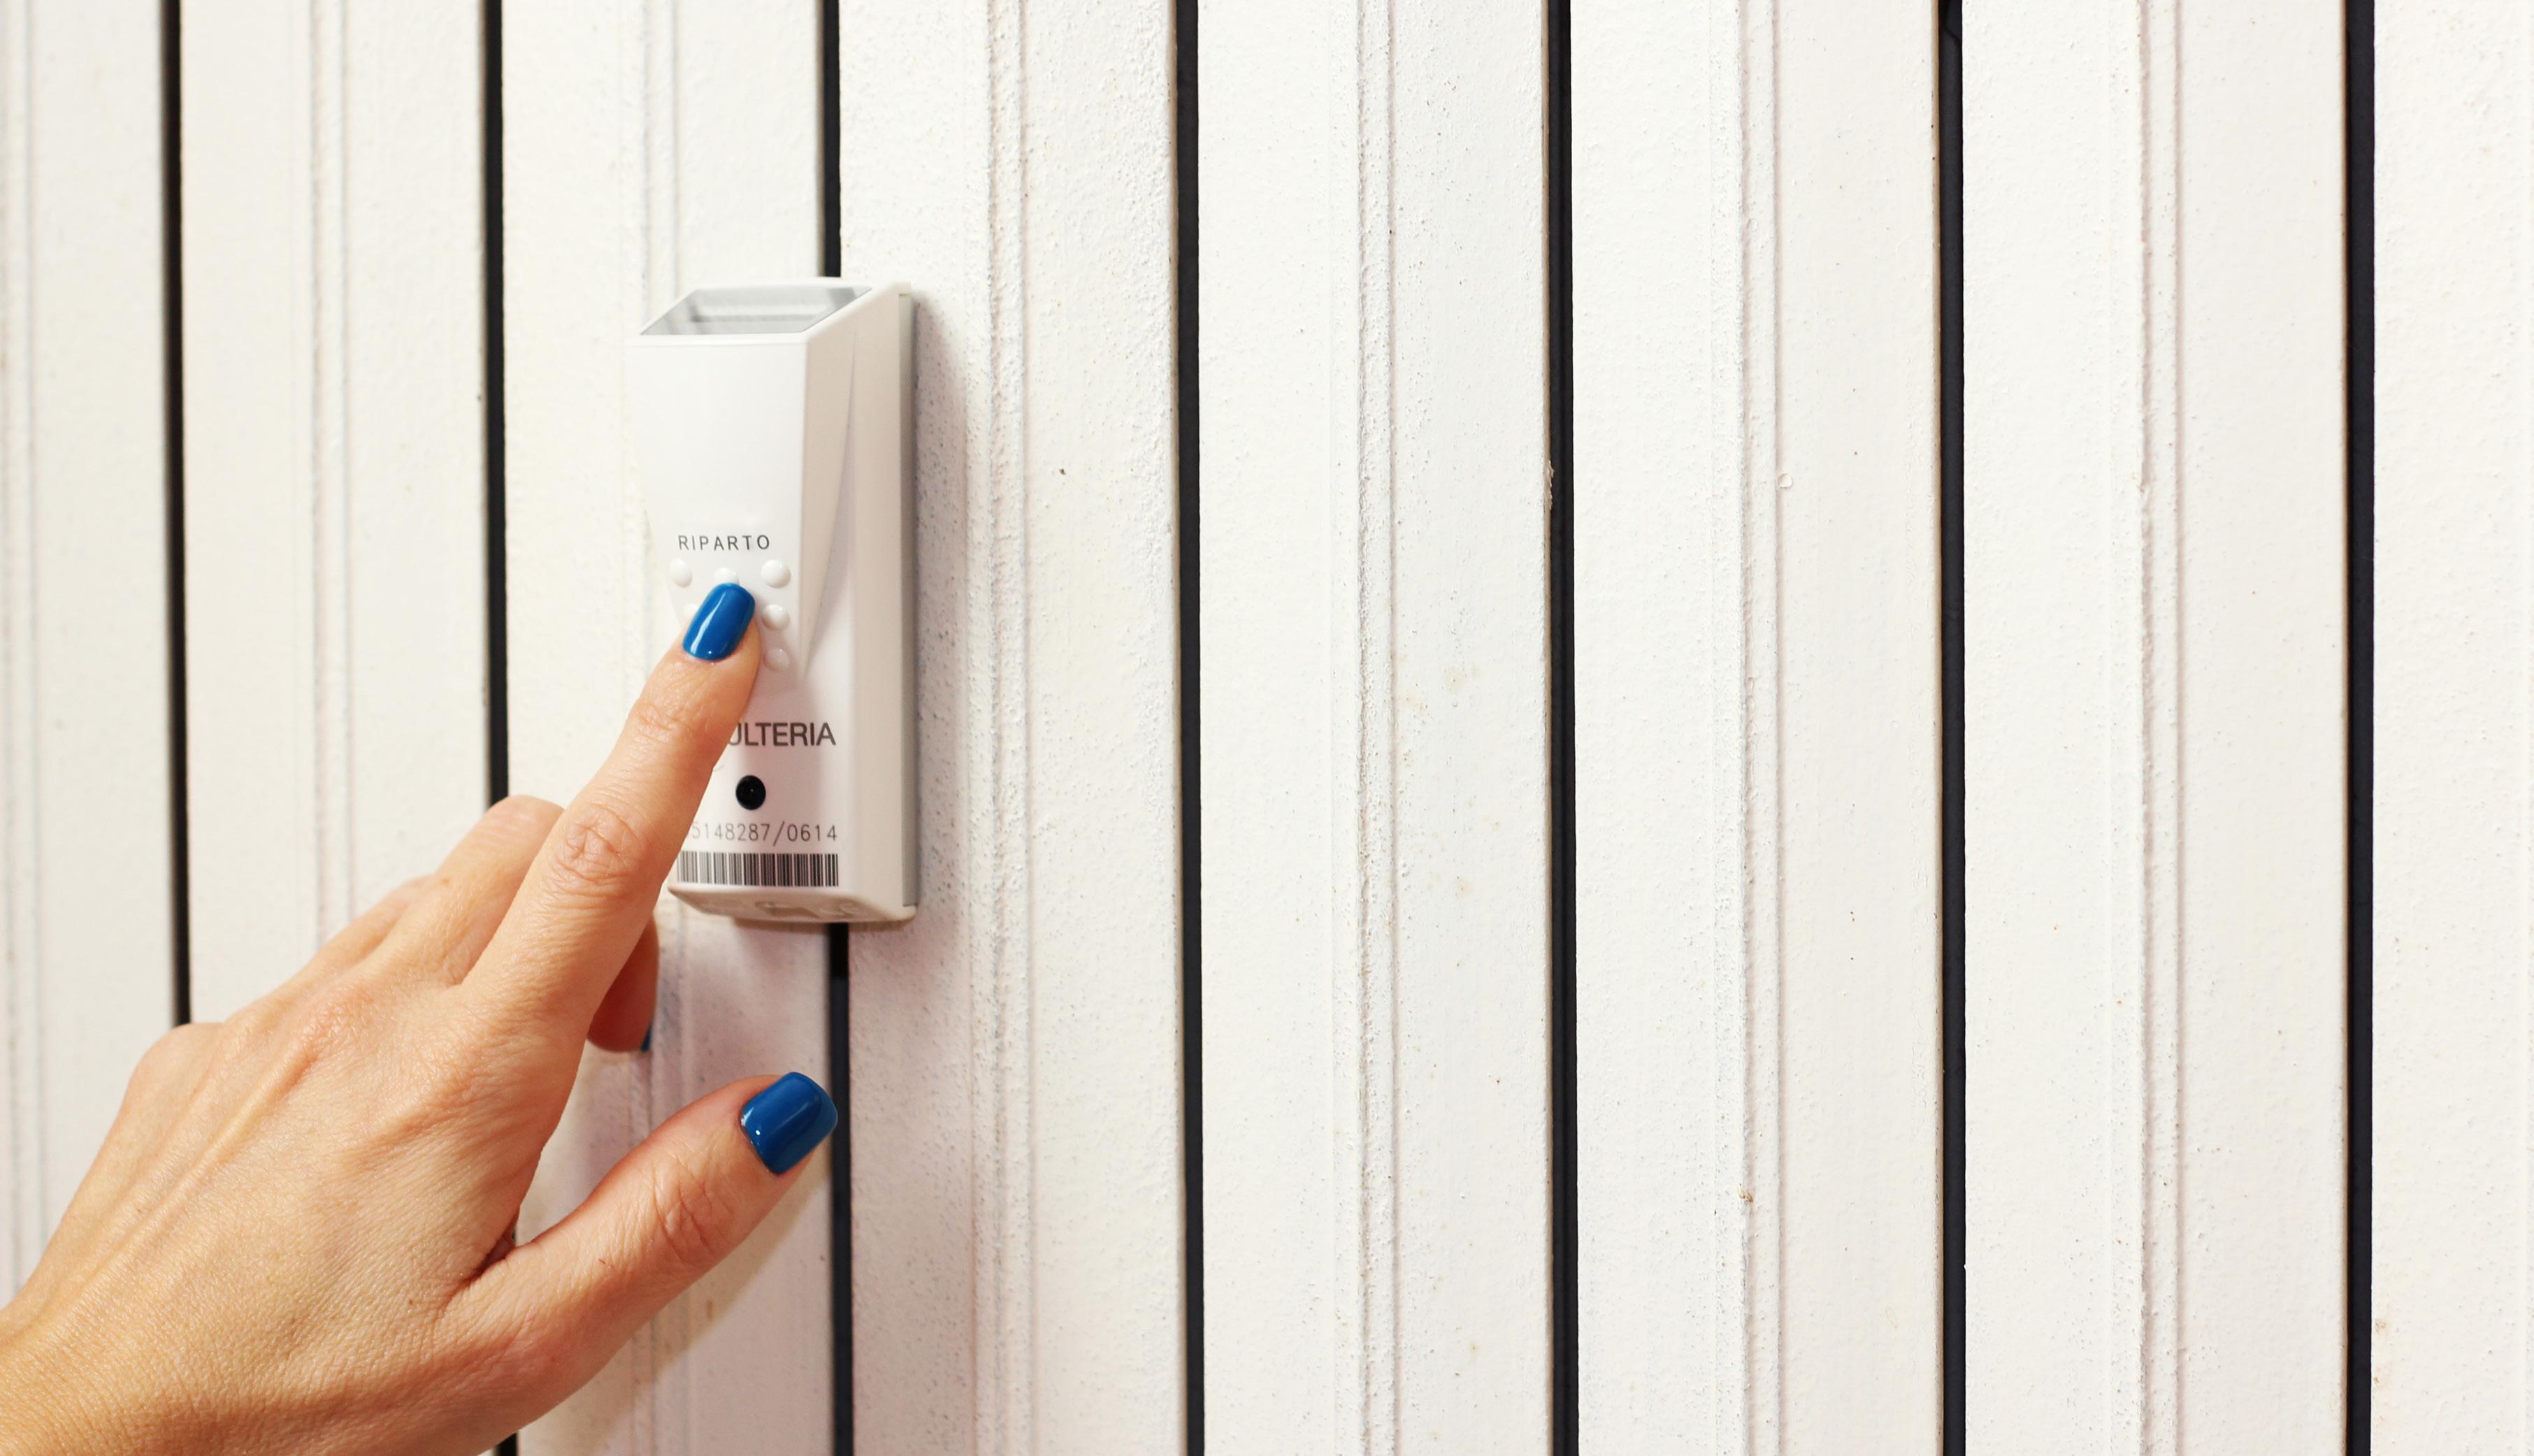 Ripartitori di calore ulteria for Installazione valvole termostatiche